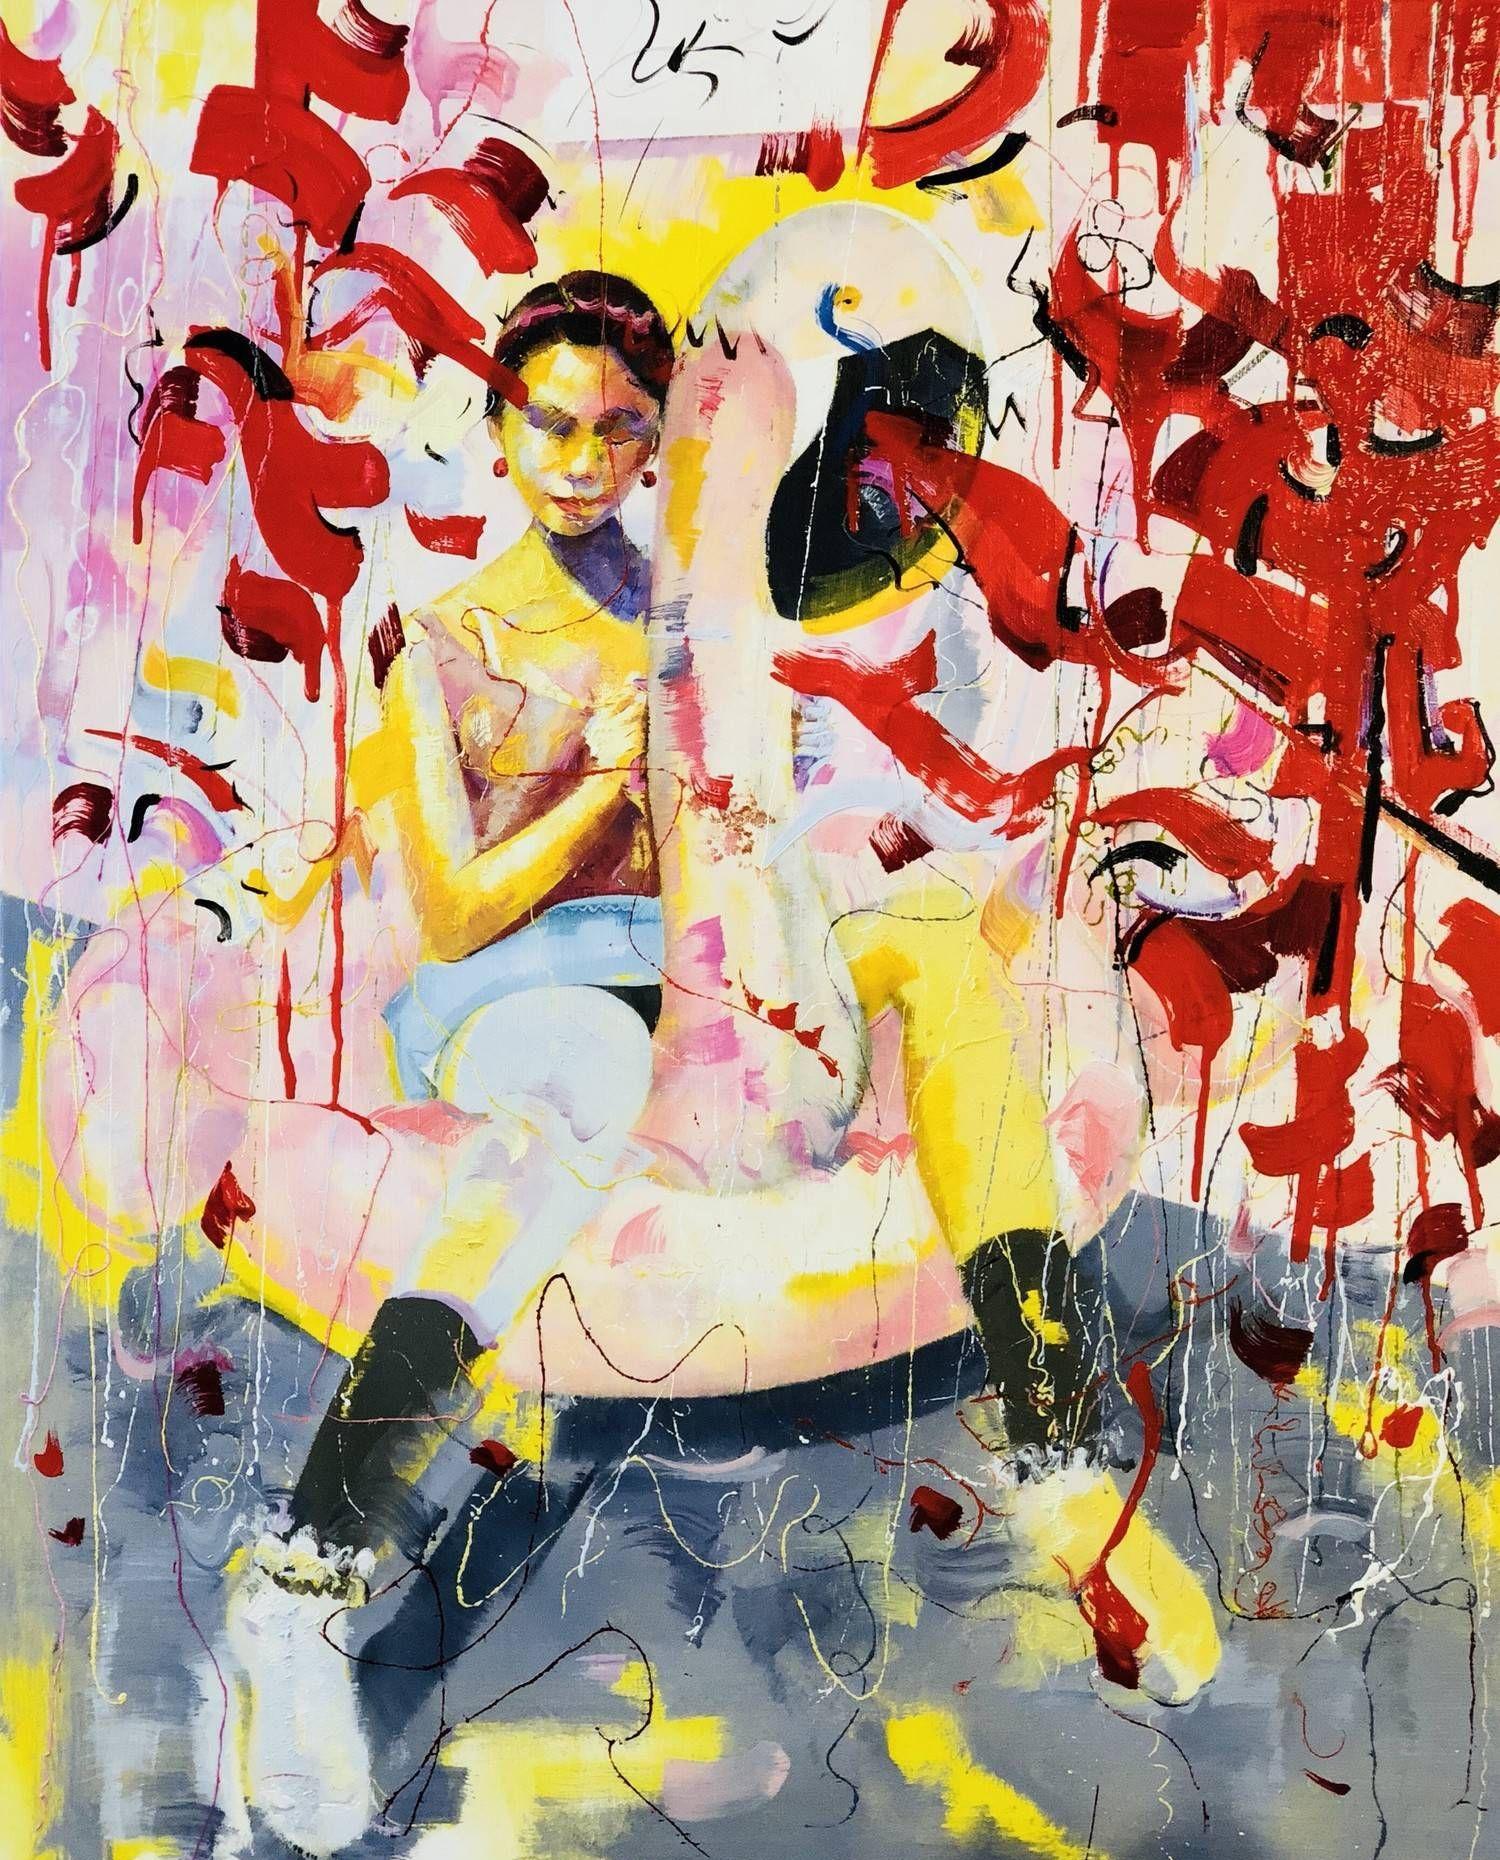 广州美术学院油画系毕业生耕晨的人物绘画艺术作品